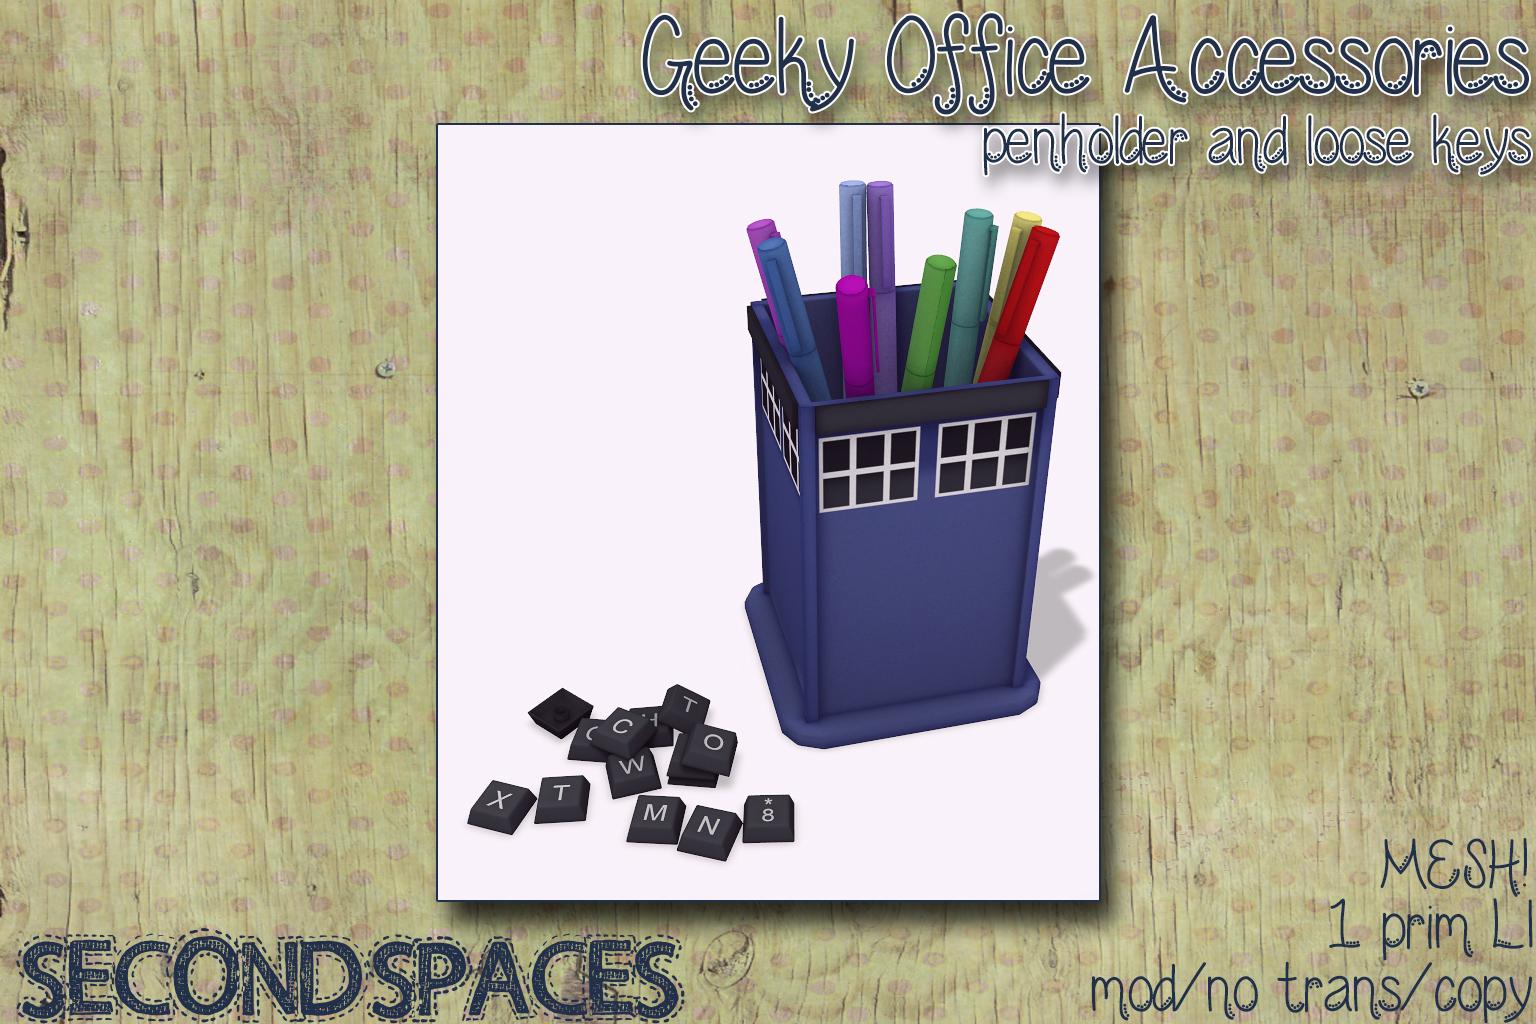 geeky office accessories_penholder loose keys_vendor.jpg